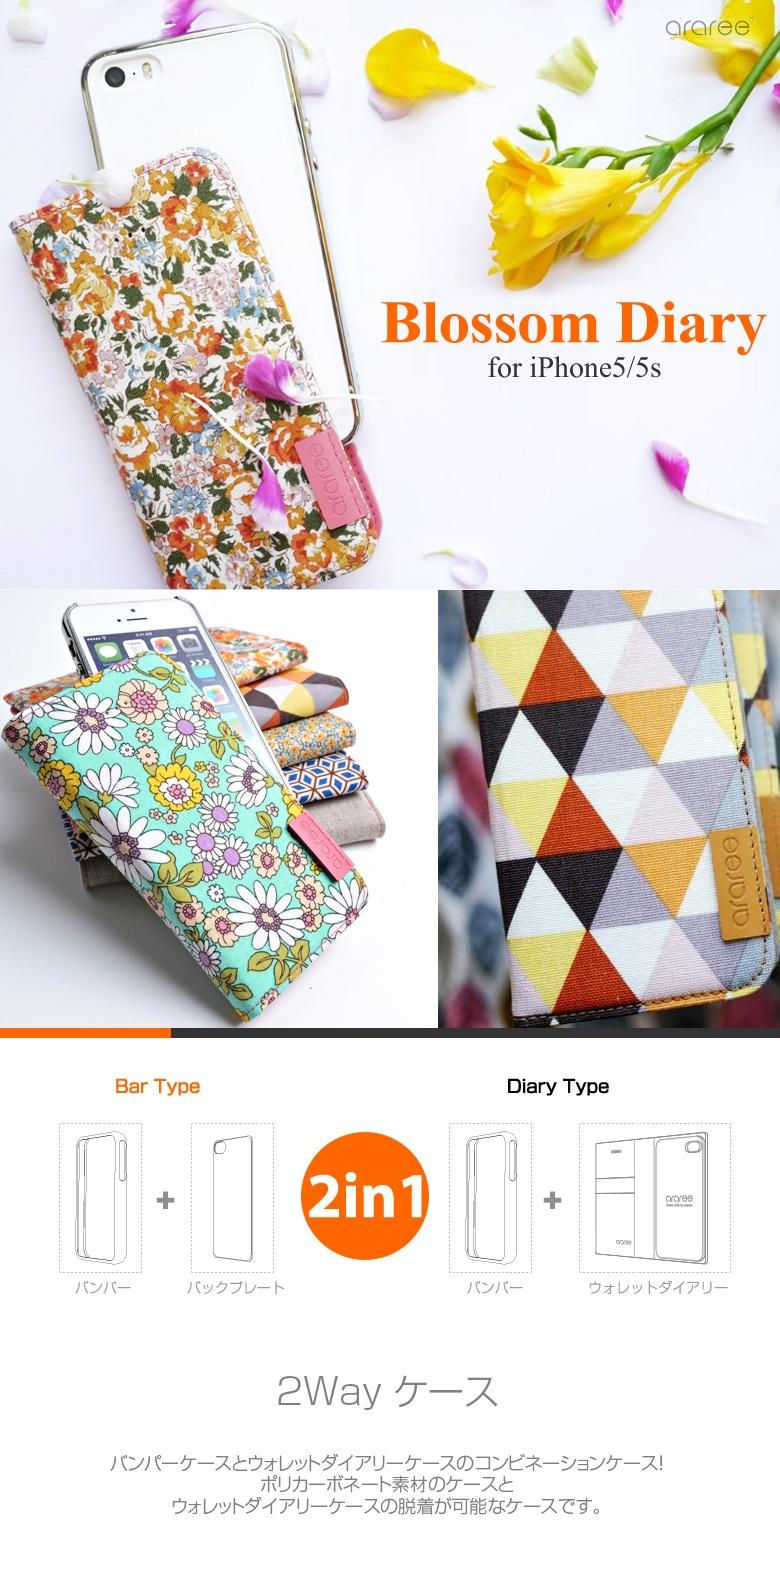 ������ħ iPhone5/5s ������Blossom Diary (�֥�å���������)